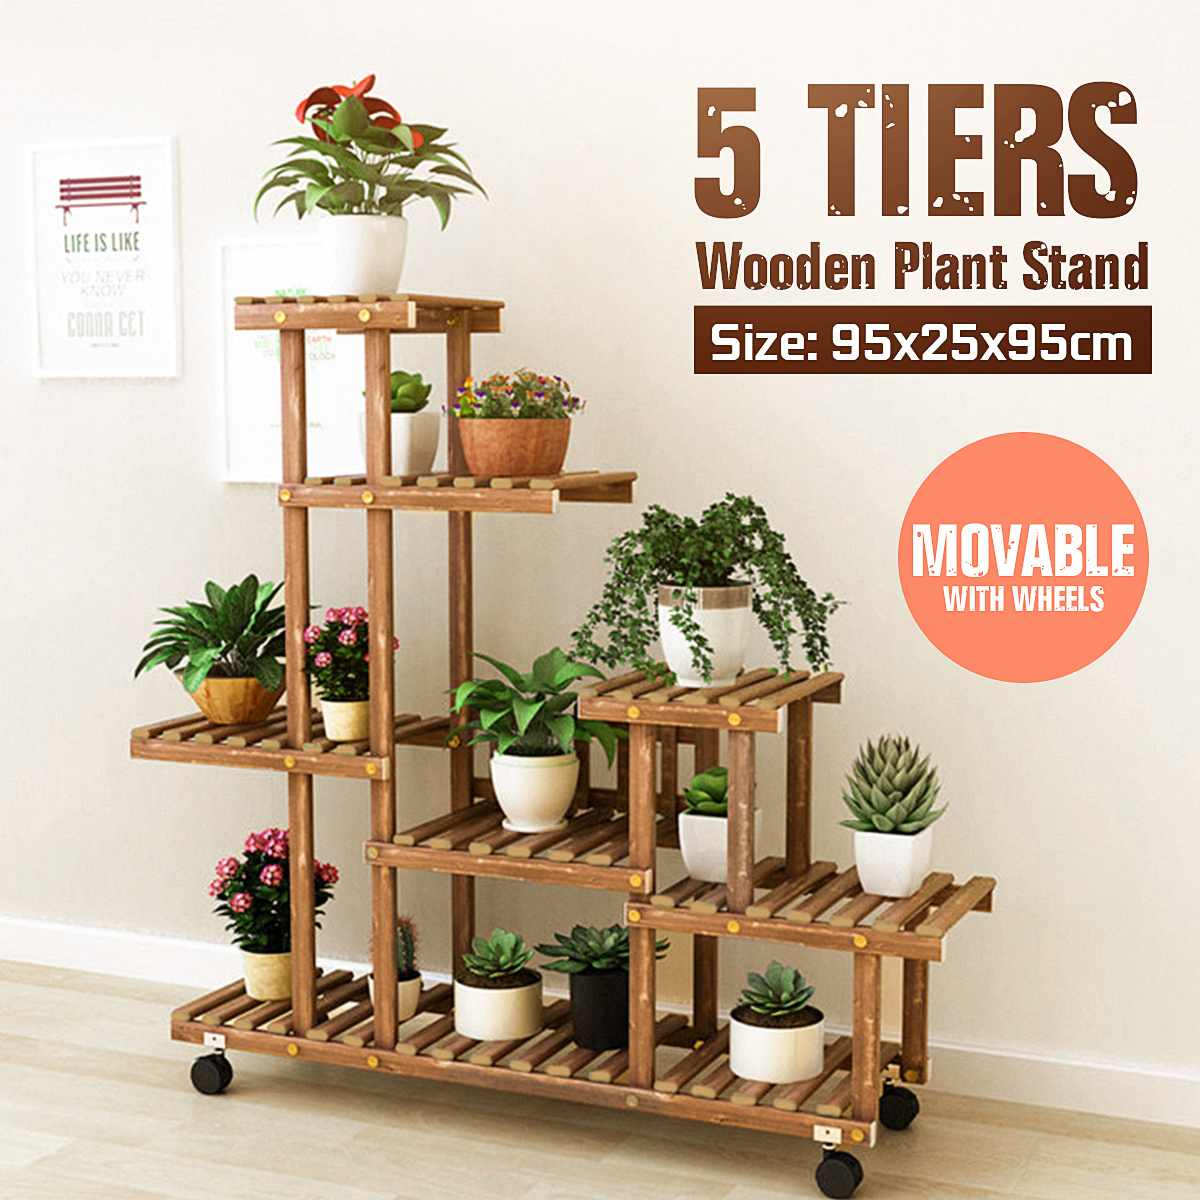 Suporte de madeira para plantas com 5 tamanhos, prateleira com flores para exibição de bonsai, jardim, pátio, varanda